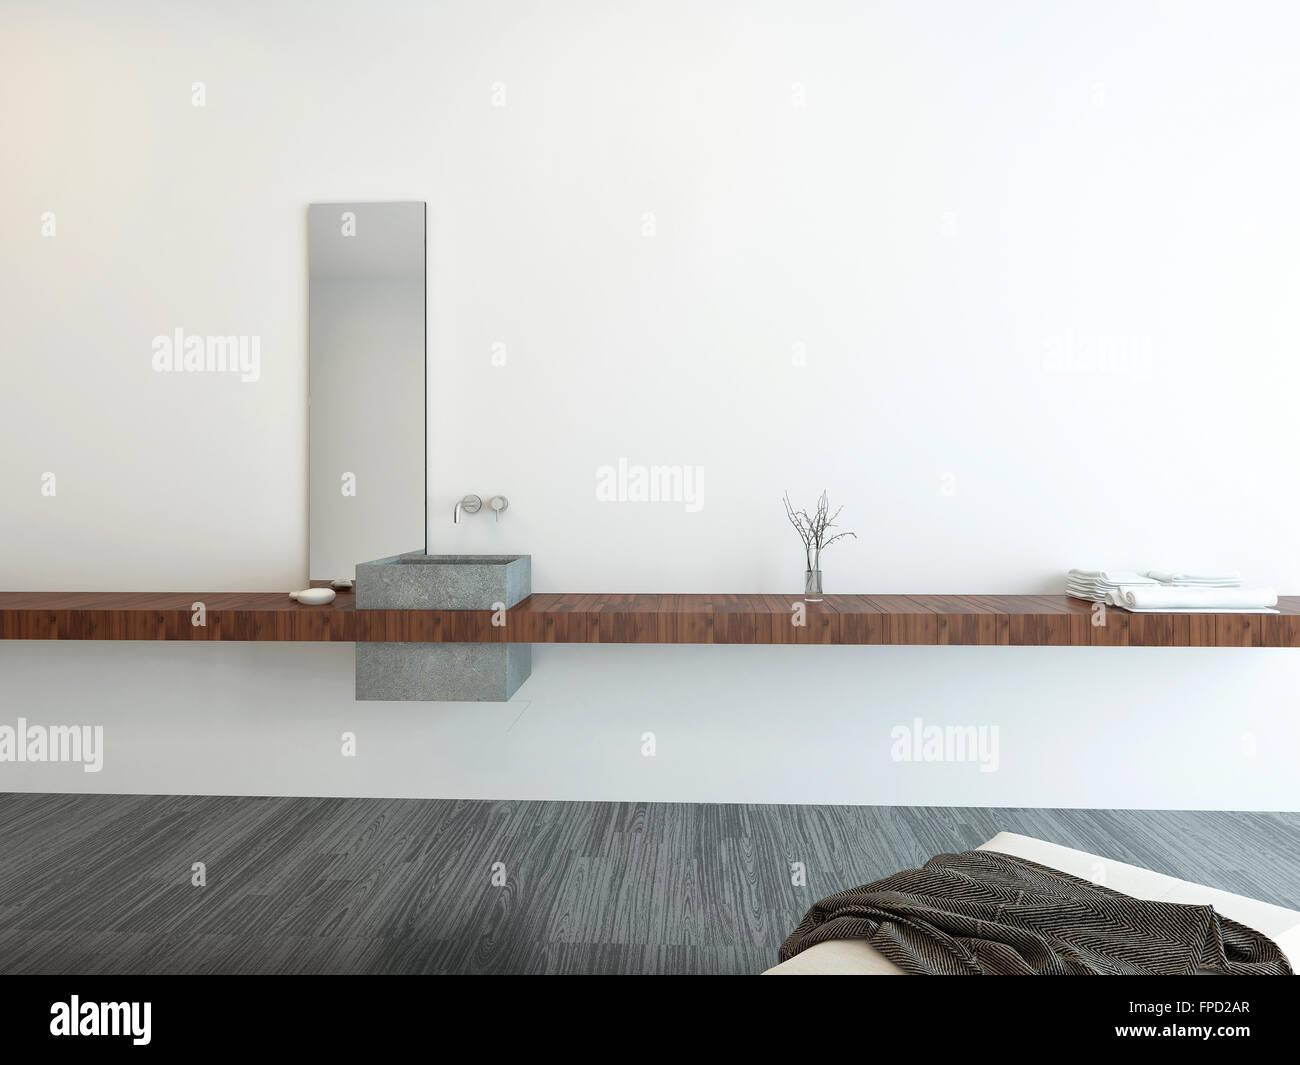 Colocacion Lavabo.Cuarto De Bano Minimalista Interior Con Un Pequeno Lavabo En